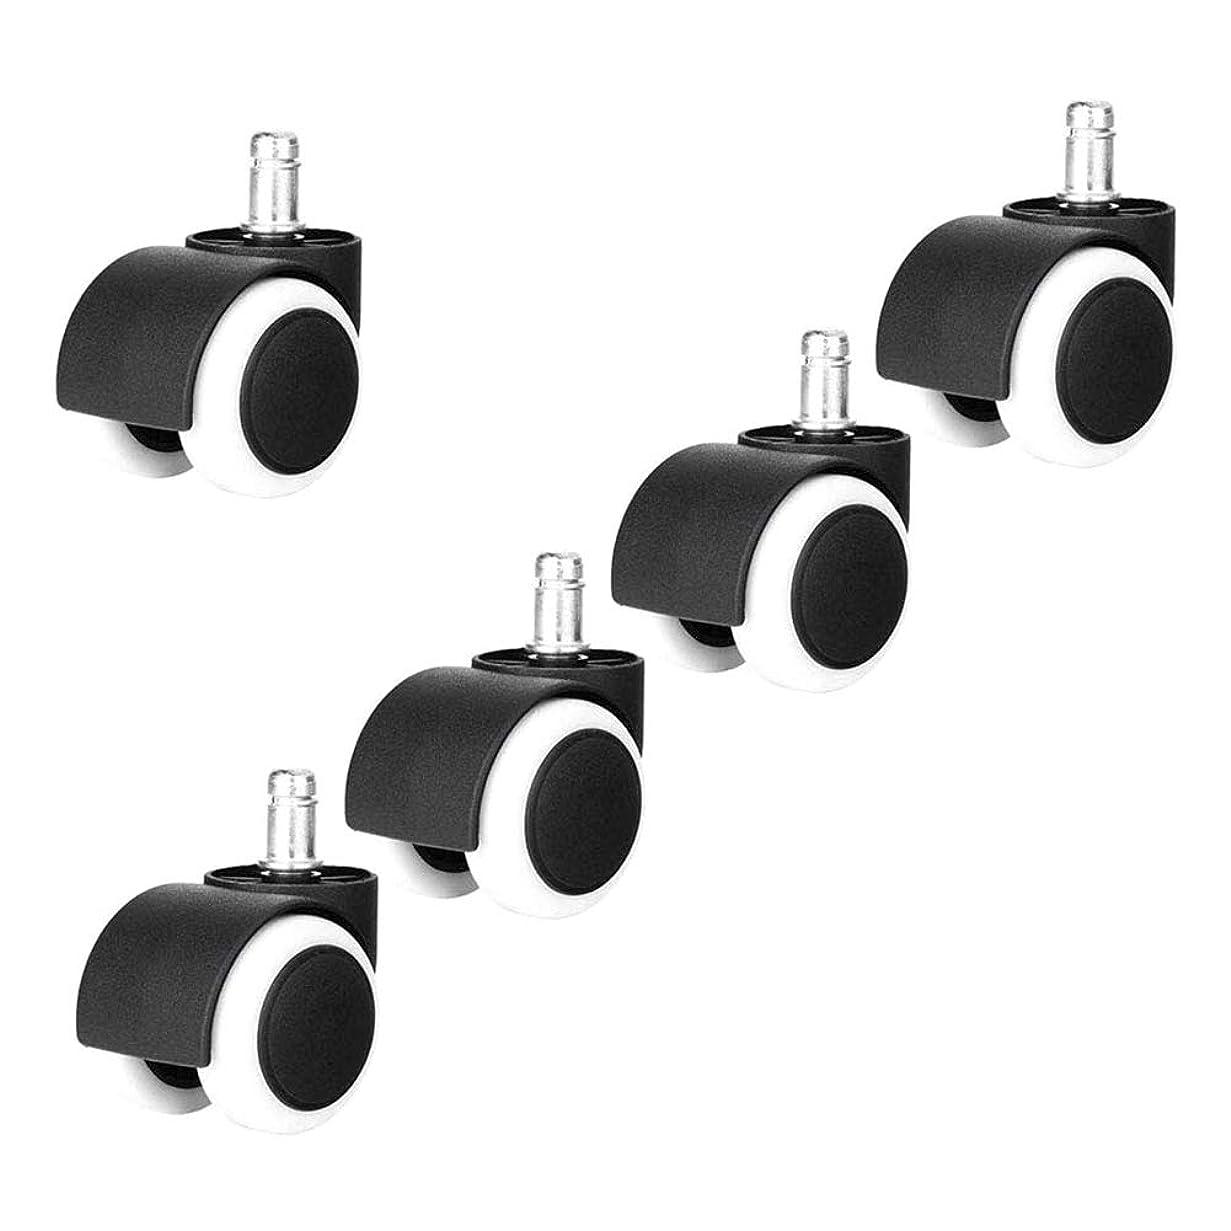 批判する愛国的な実質的ZAYAR チェア用ウレタンキャスター オフィスチェア交換用イスキャスター 差込式ポリウレタンチェアホイール 360度回転 静音 傷つけにくい 適応穴直径11mm 5個セット